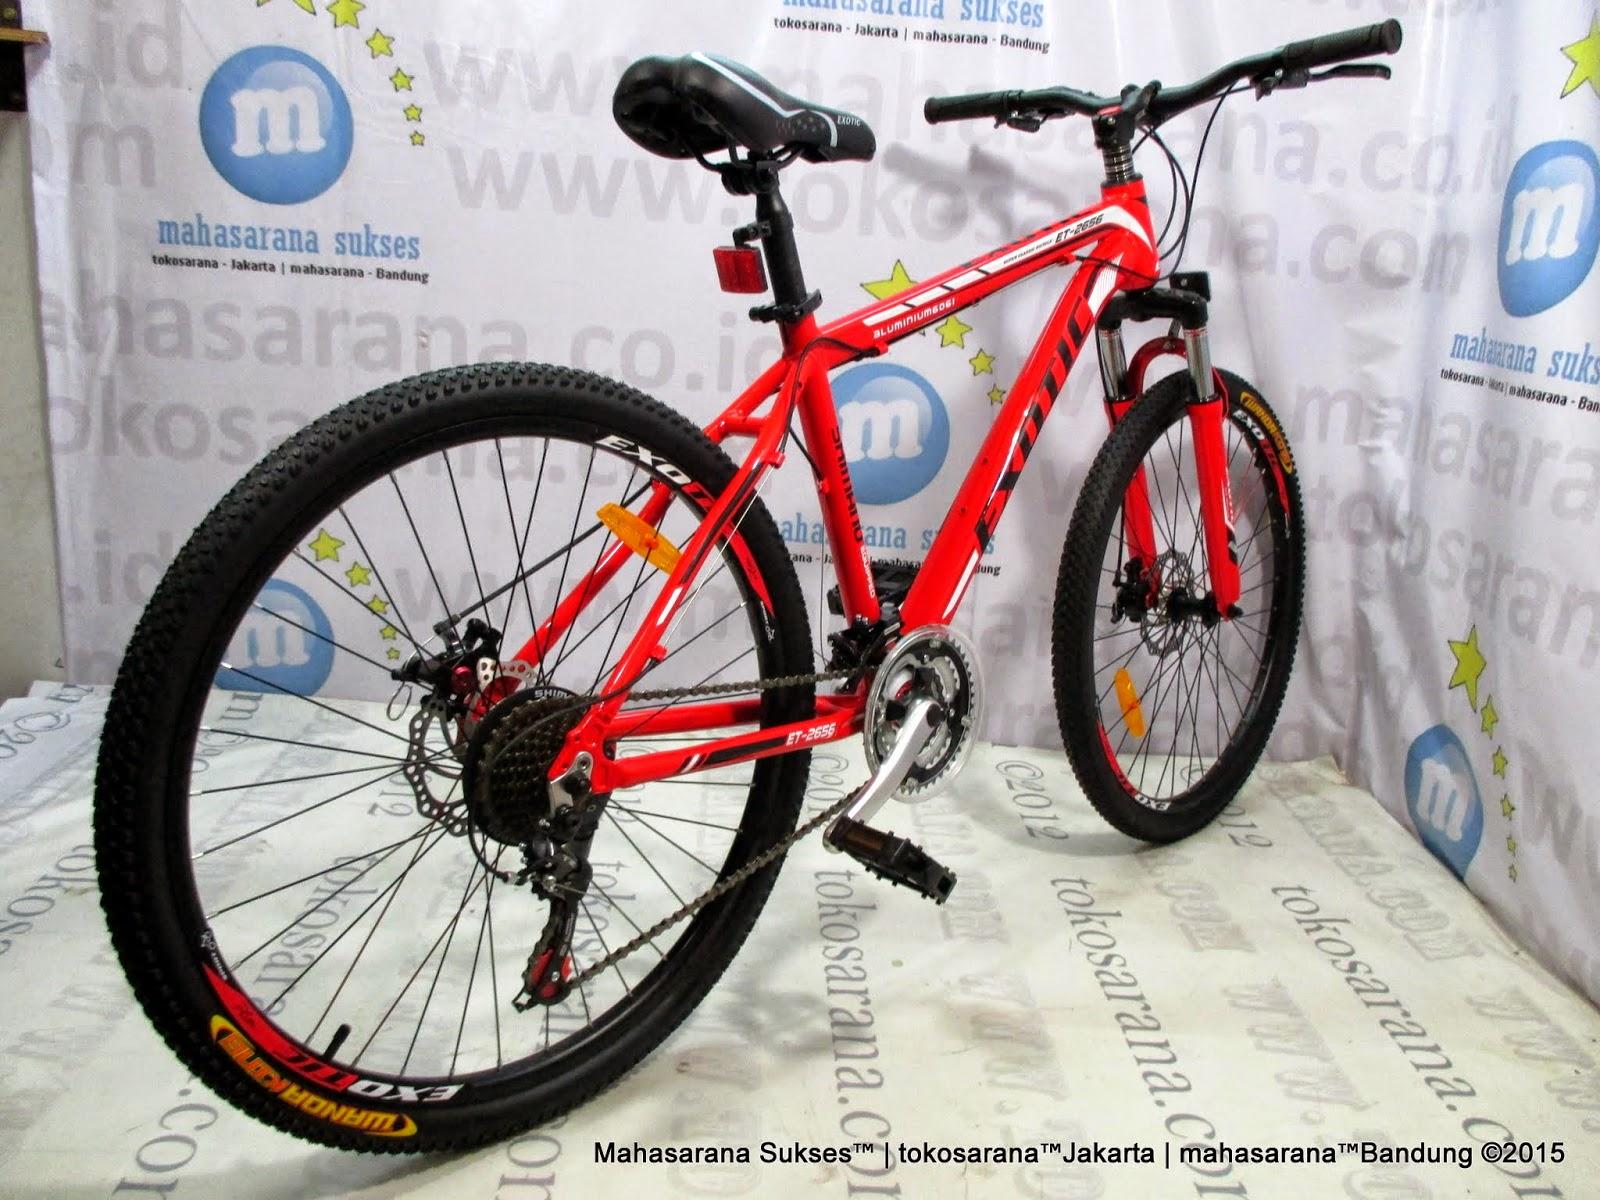 tokosarana™ Mahasarana Sukses™ Sepeda Gunung Exotic